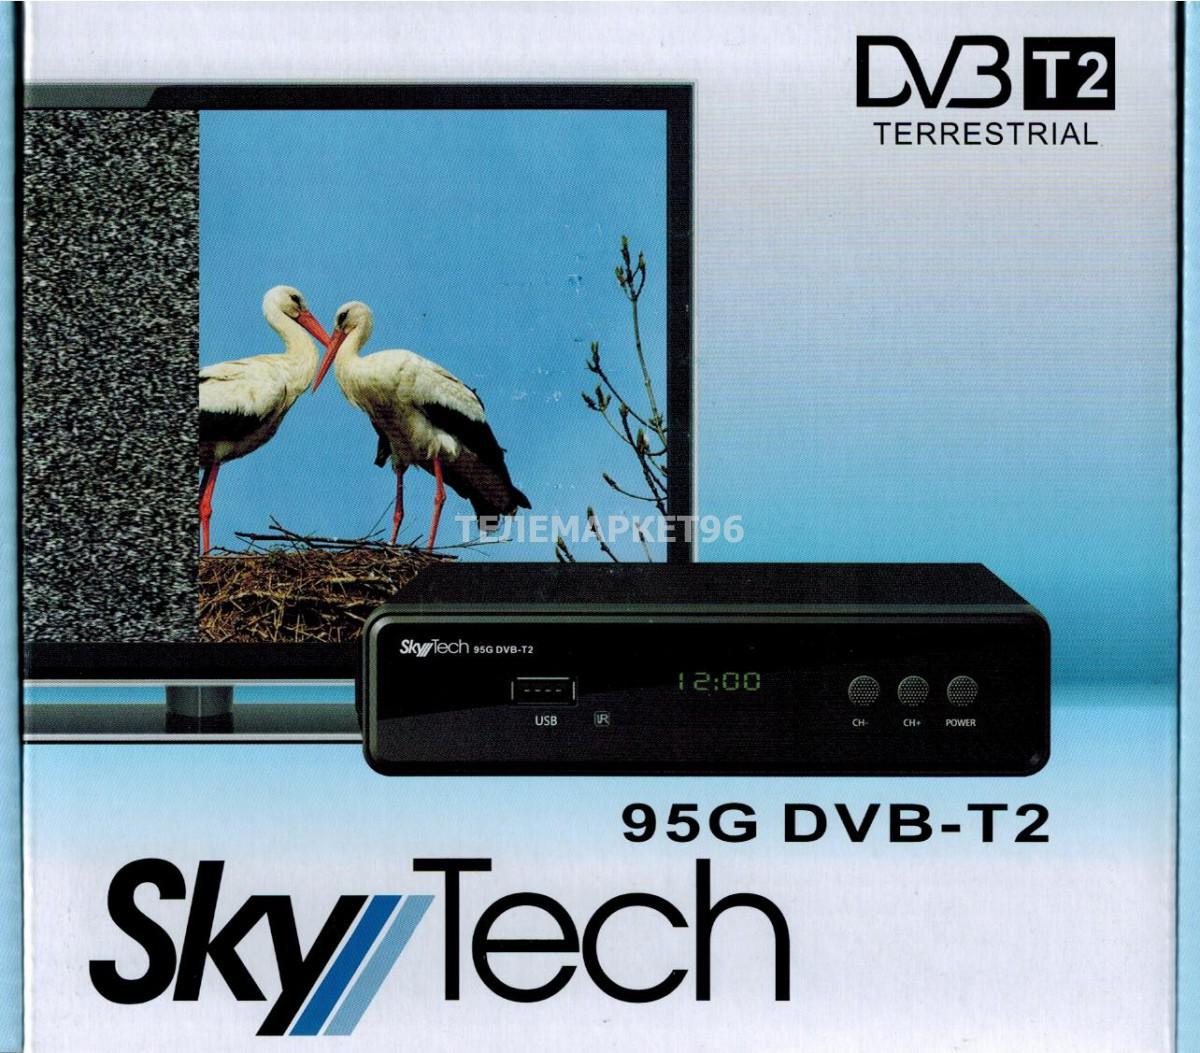 ТВ приставка цифровая эфирная с мультимедиаплеером SkyTech 95G DVB-T2